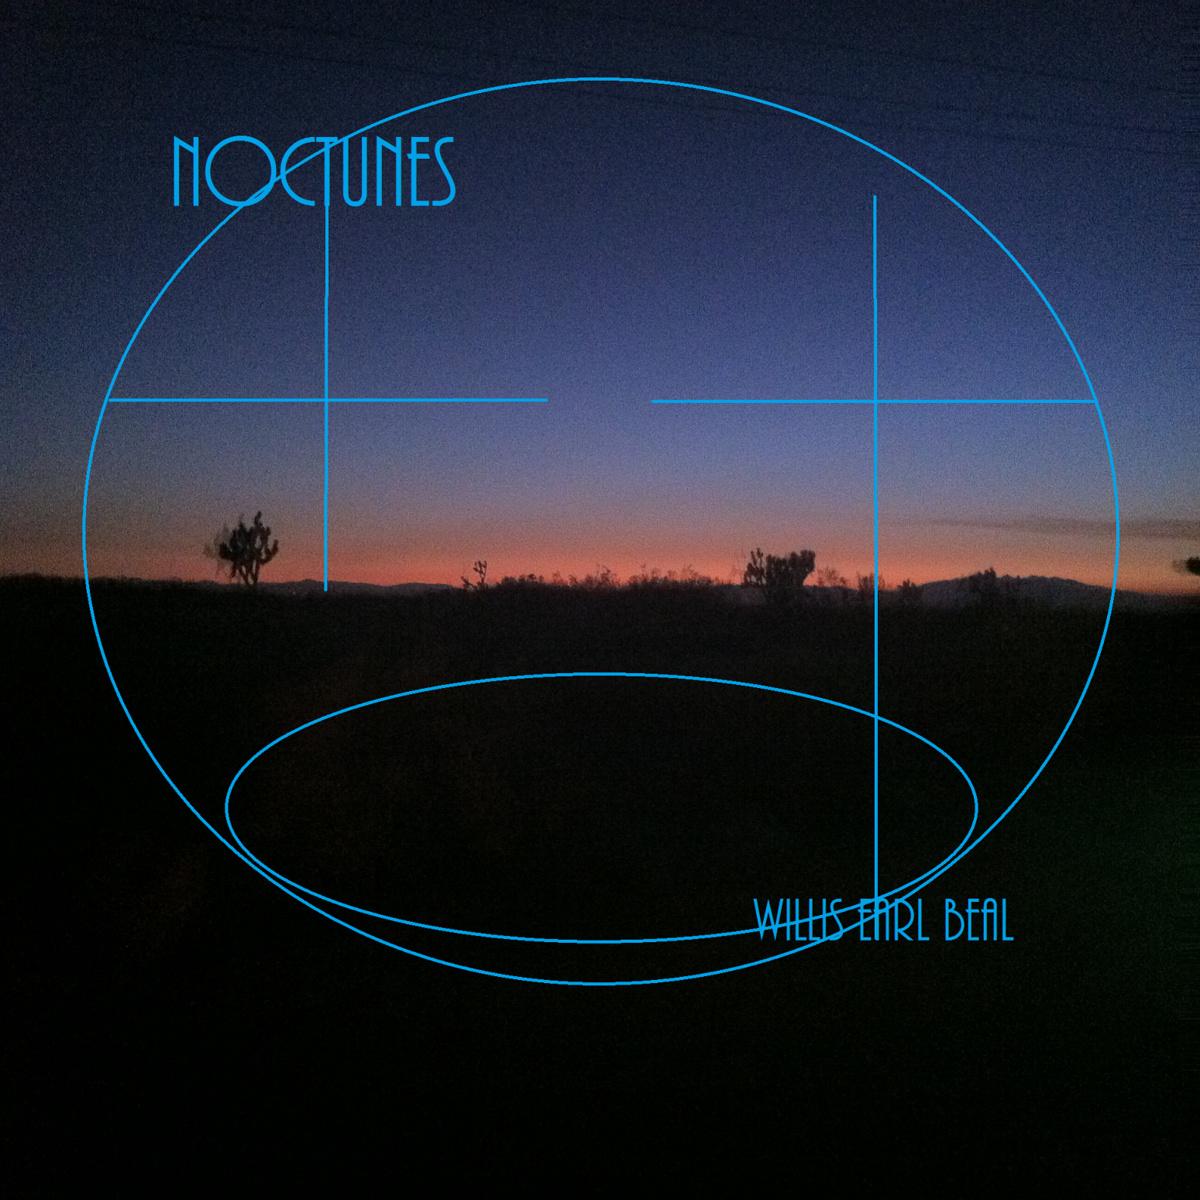 Willis Earl Beal – Noctunes